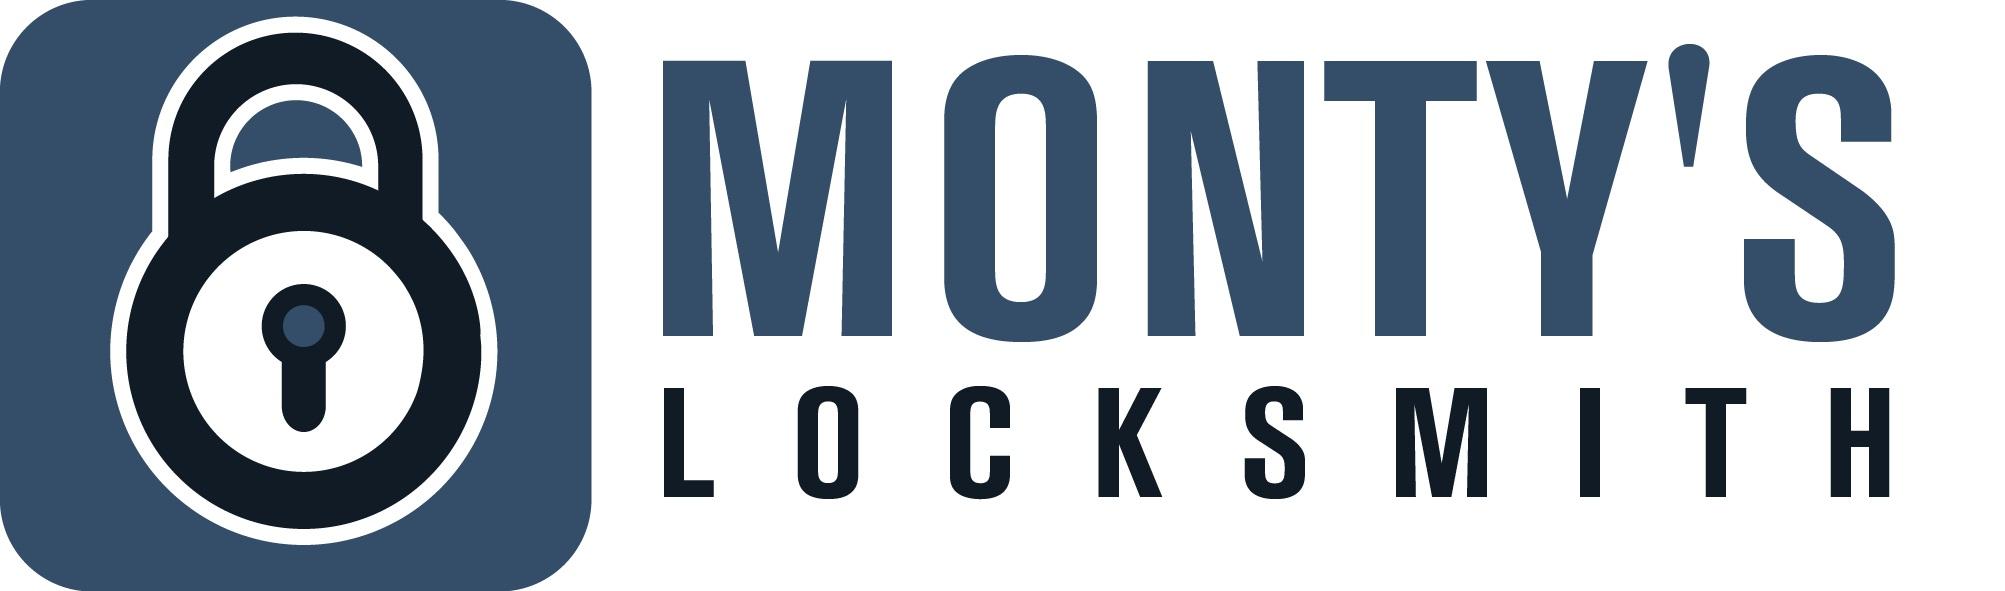 Monty's Locksmith